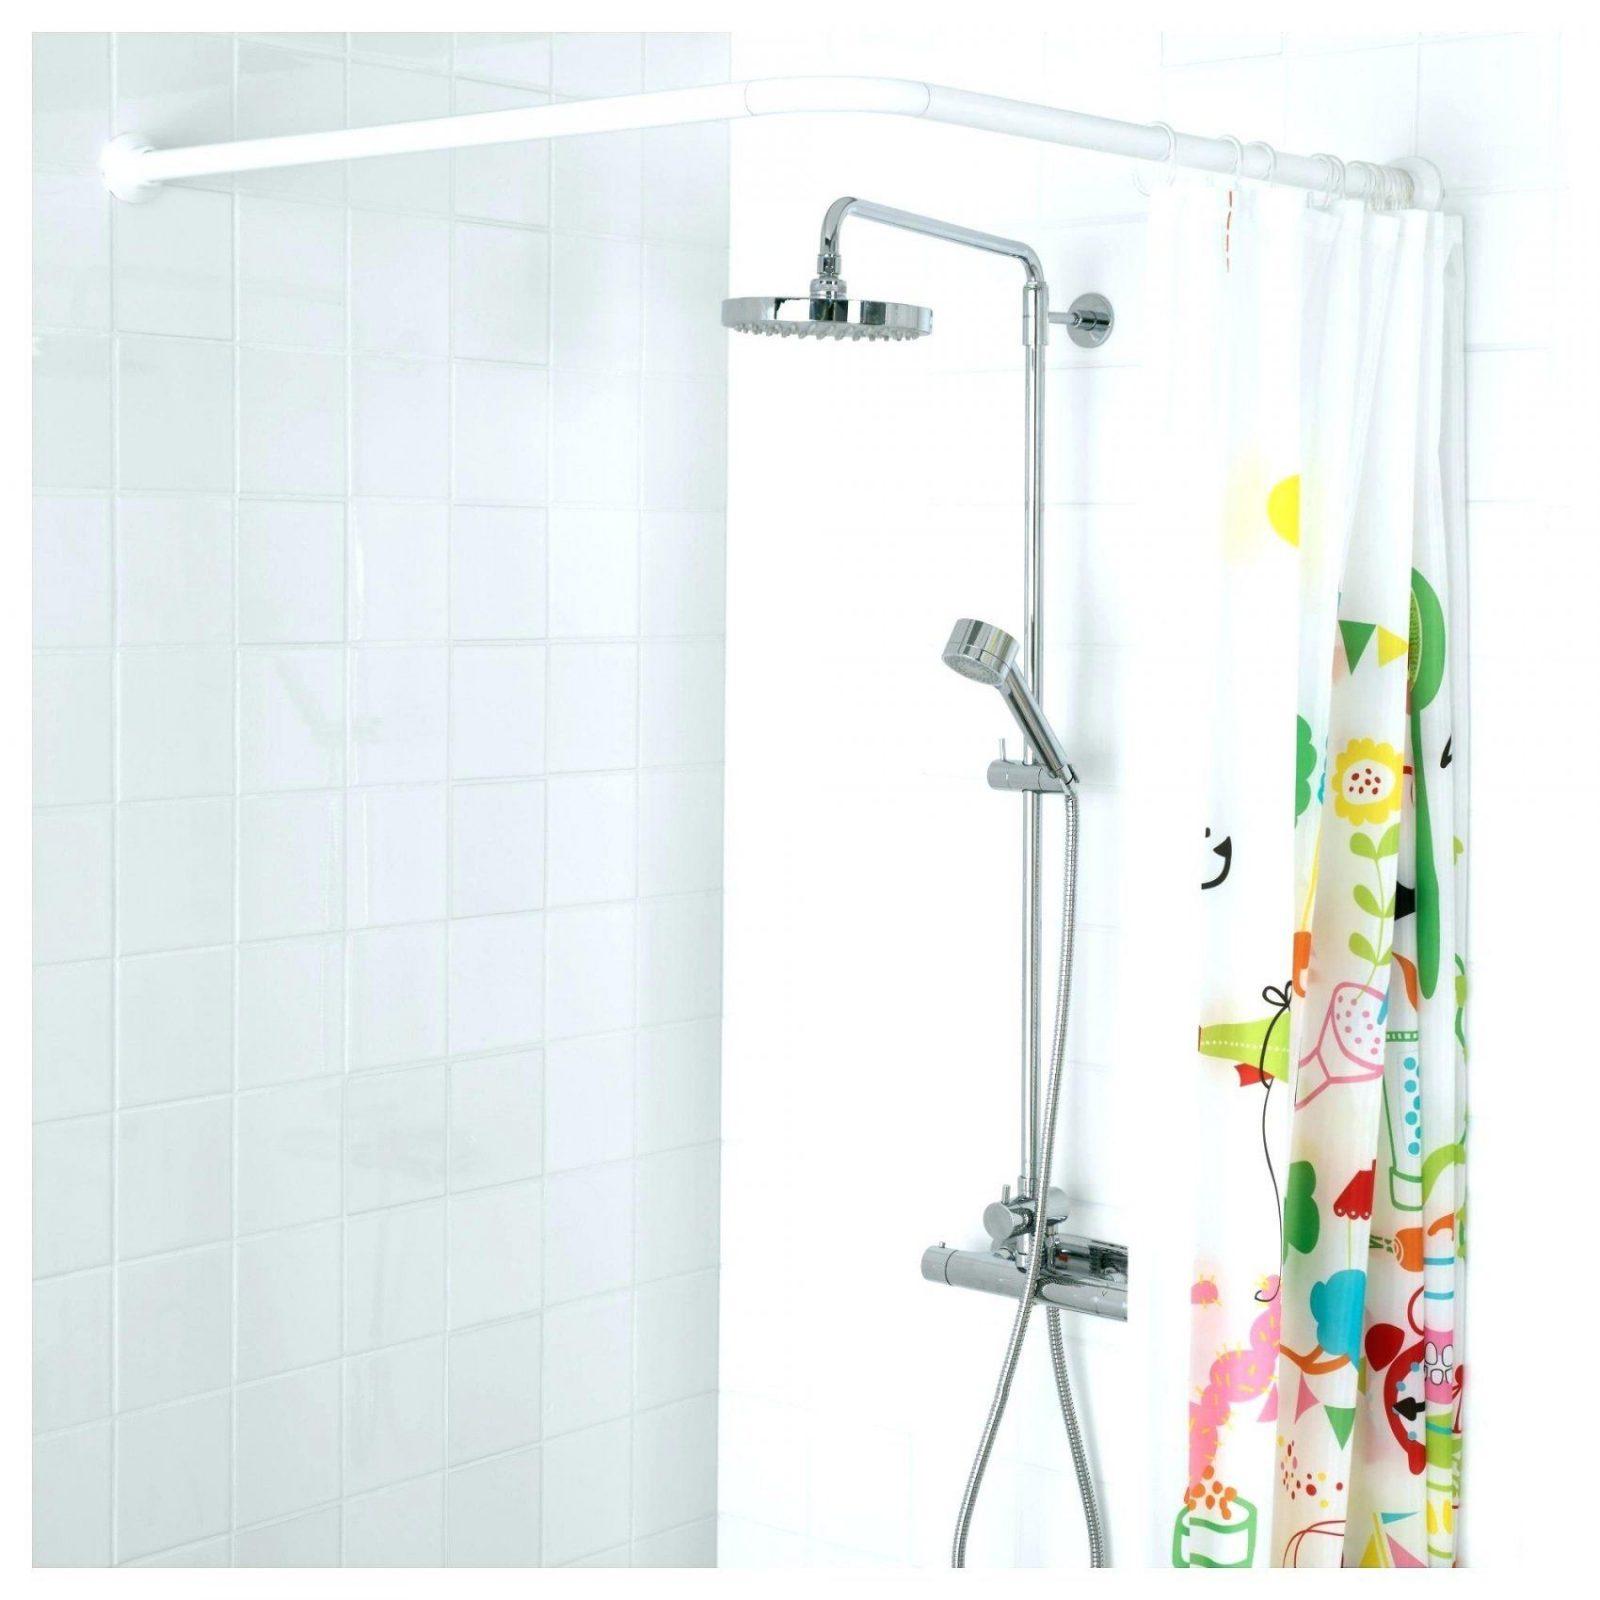 Duschvorhangstange Edelstahl Elegant Vikarn Ikea Von U Form von Duschvorhangstange Badewanne Ohne Bohren Photo